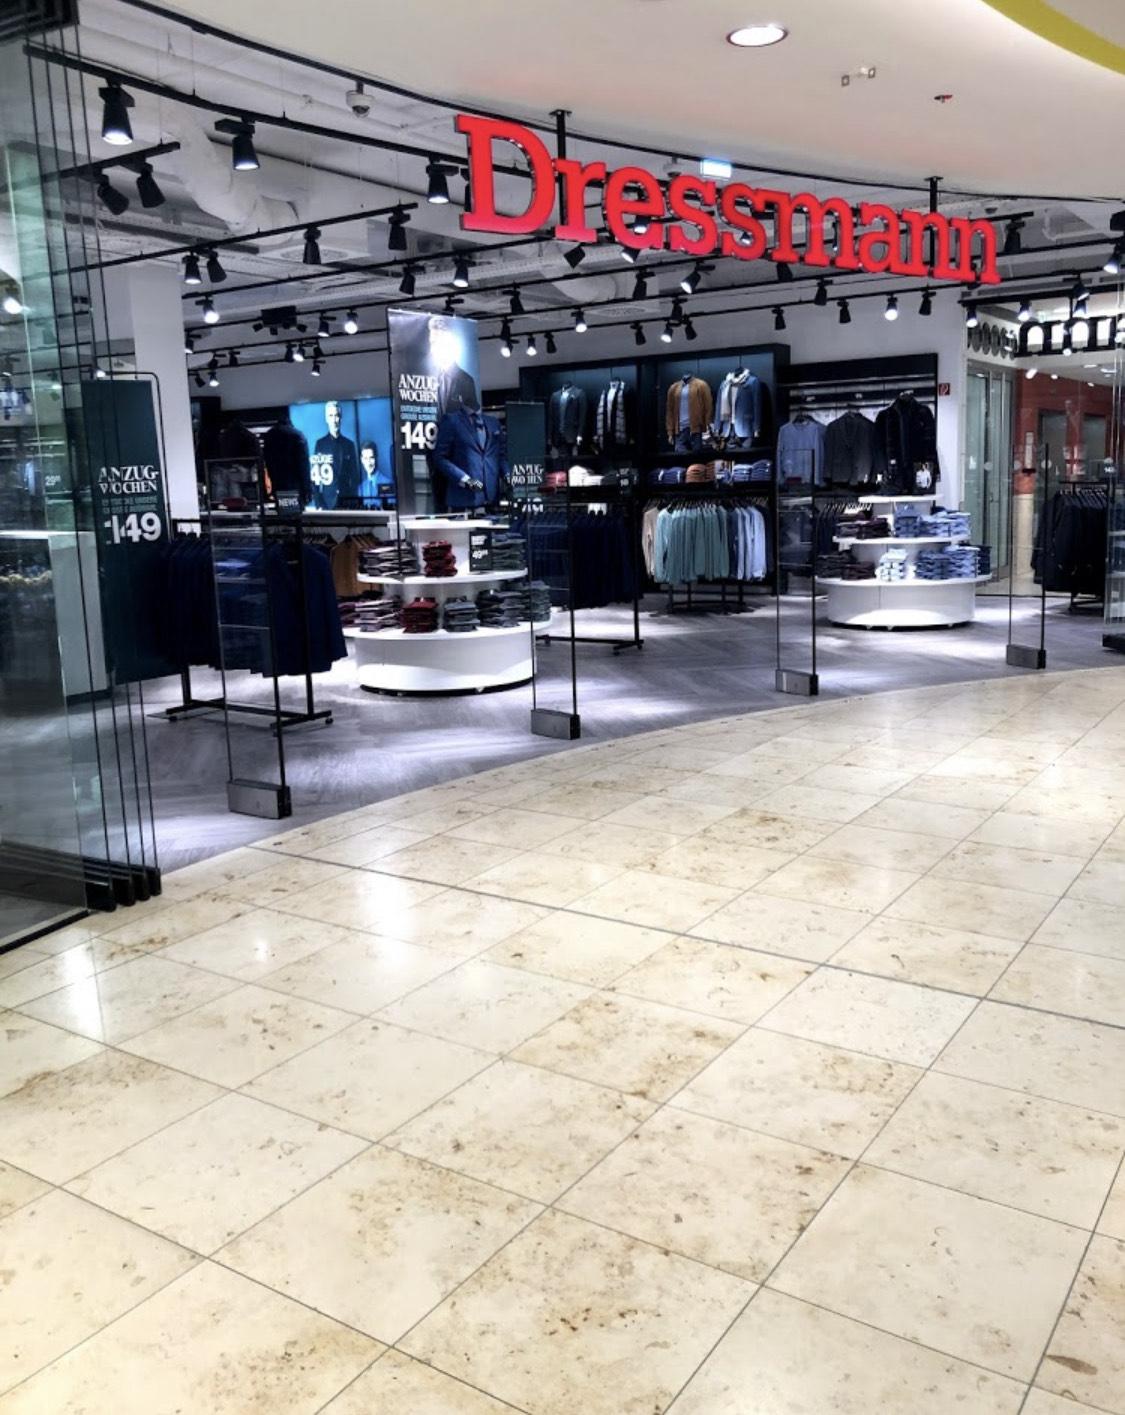 Räumungsverkauf 70% auf alles   Betrifft alle Dressmann Stores in Hamburg